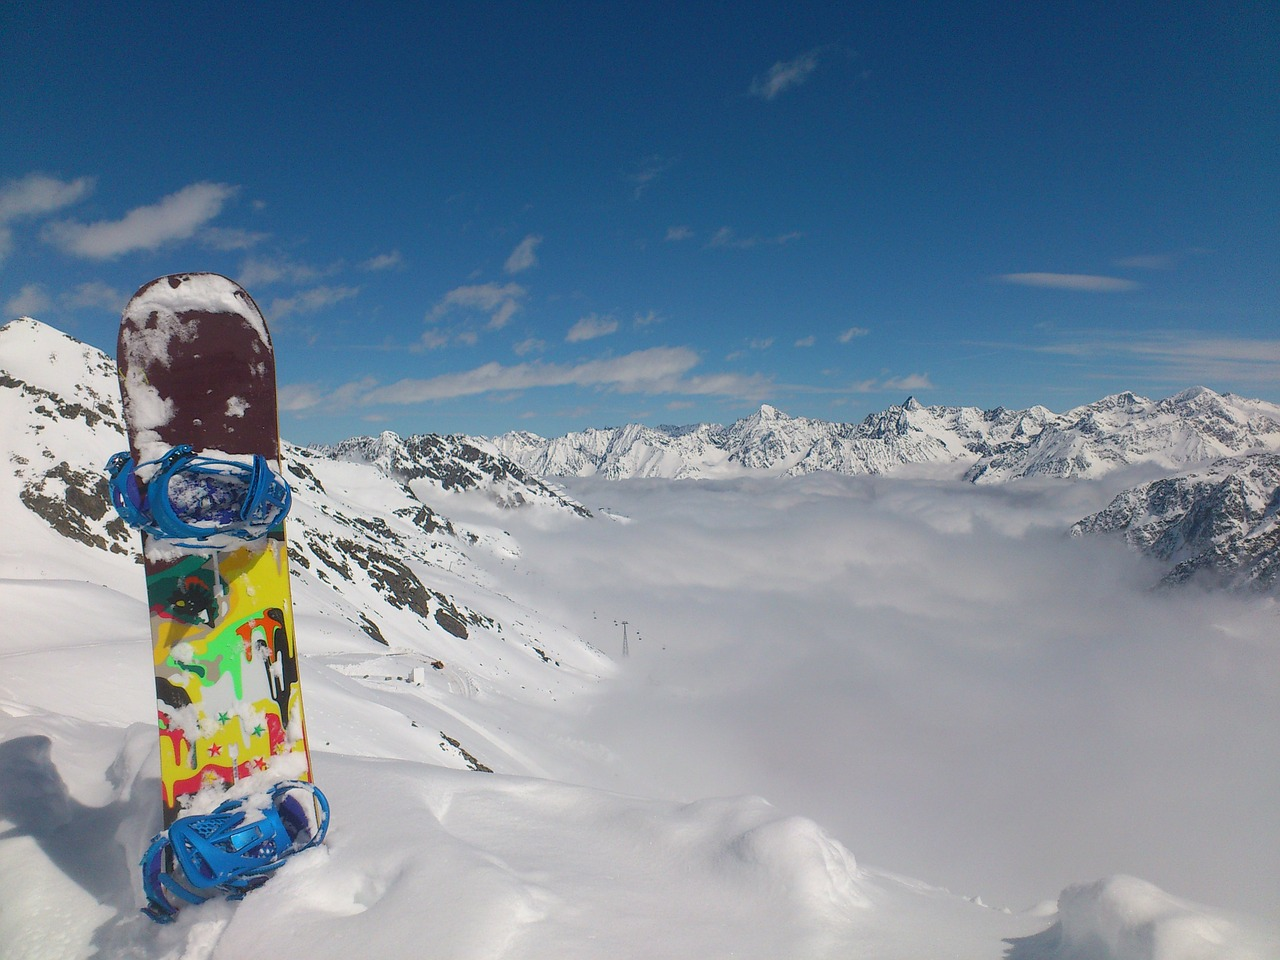 L'équipement pour idéal pour faire du snowboard